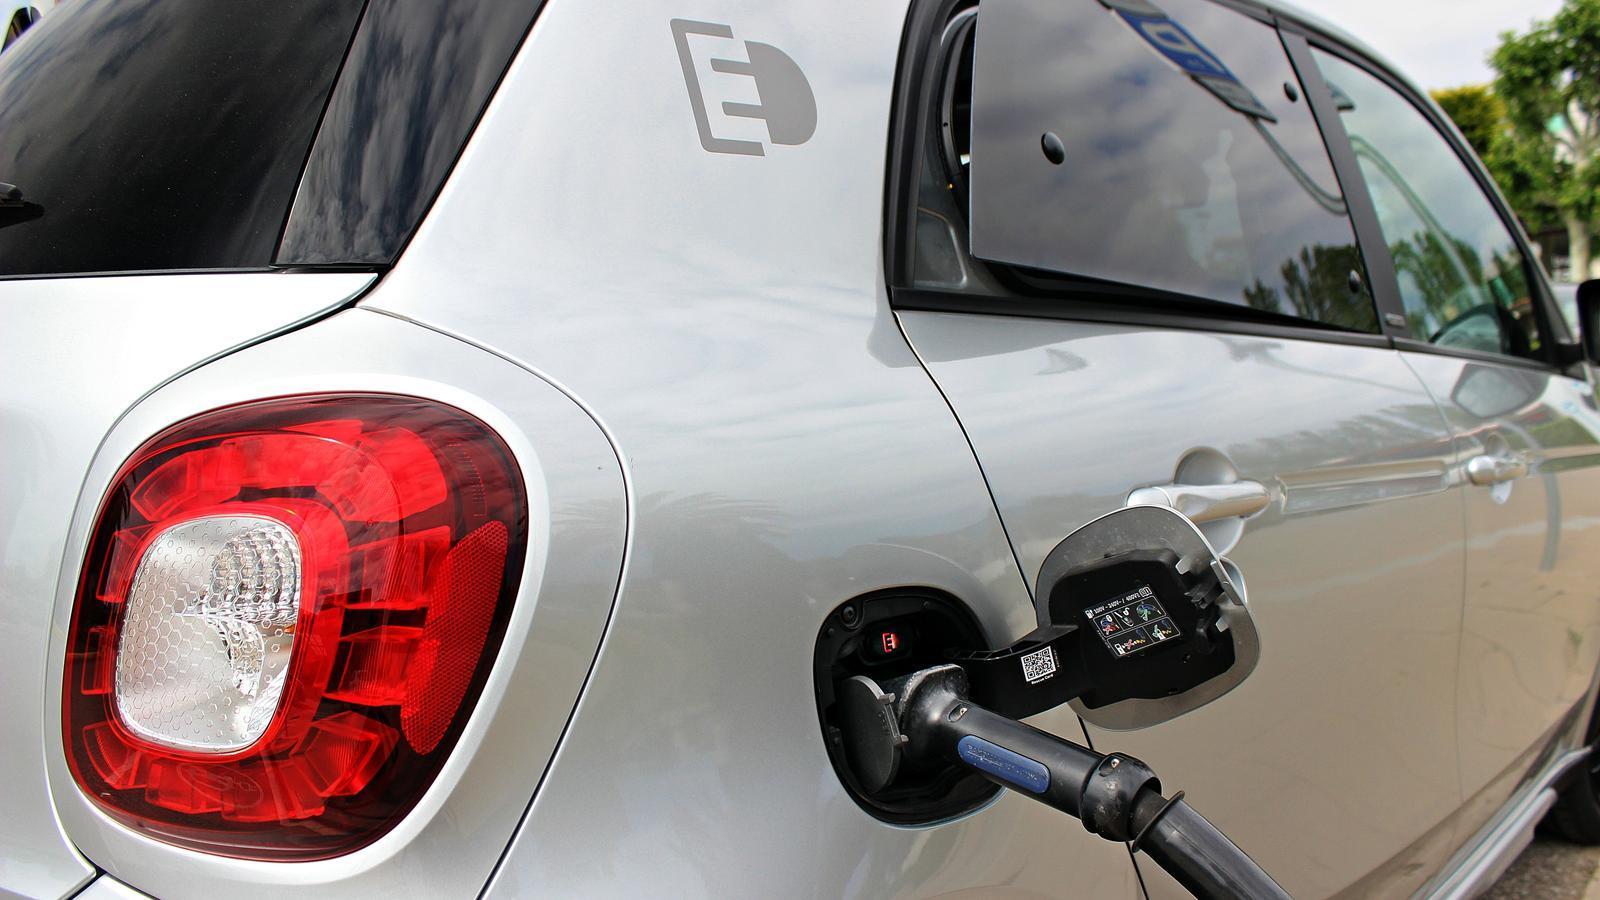 La Generalitat donarà ajudes de 5.500 euros per la compra d'un cotxe elèctric